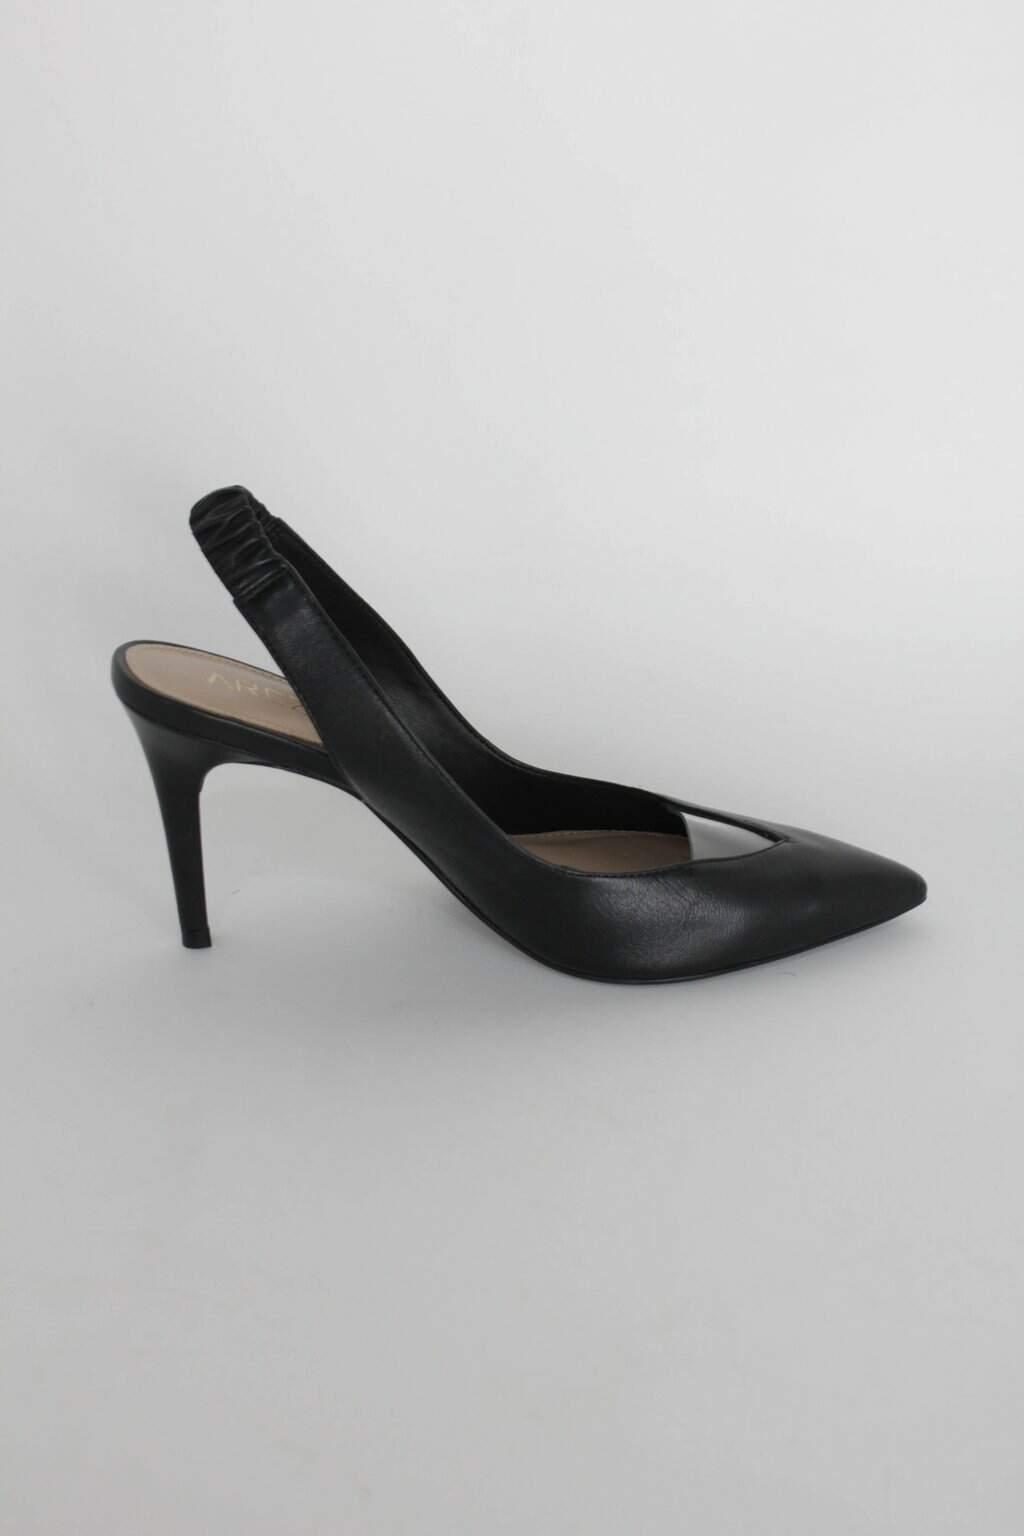 Sapato arezzo feminino preto